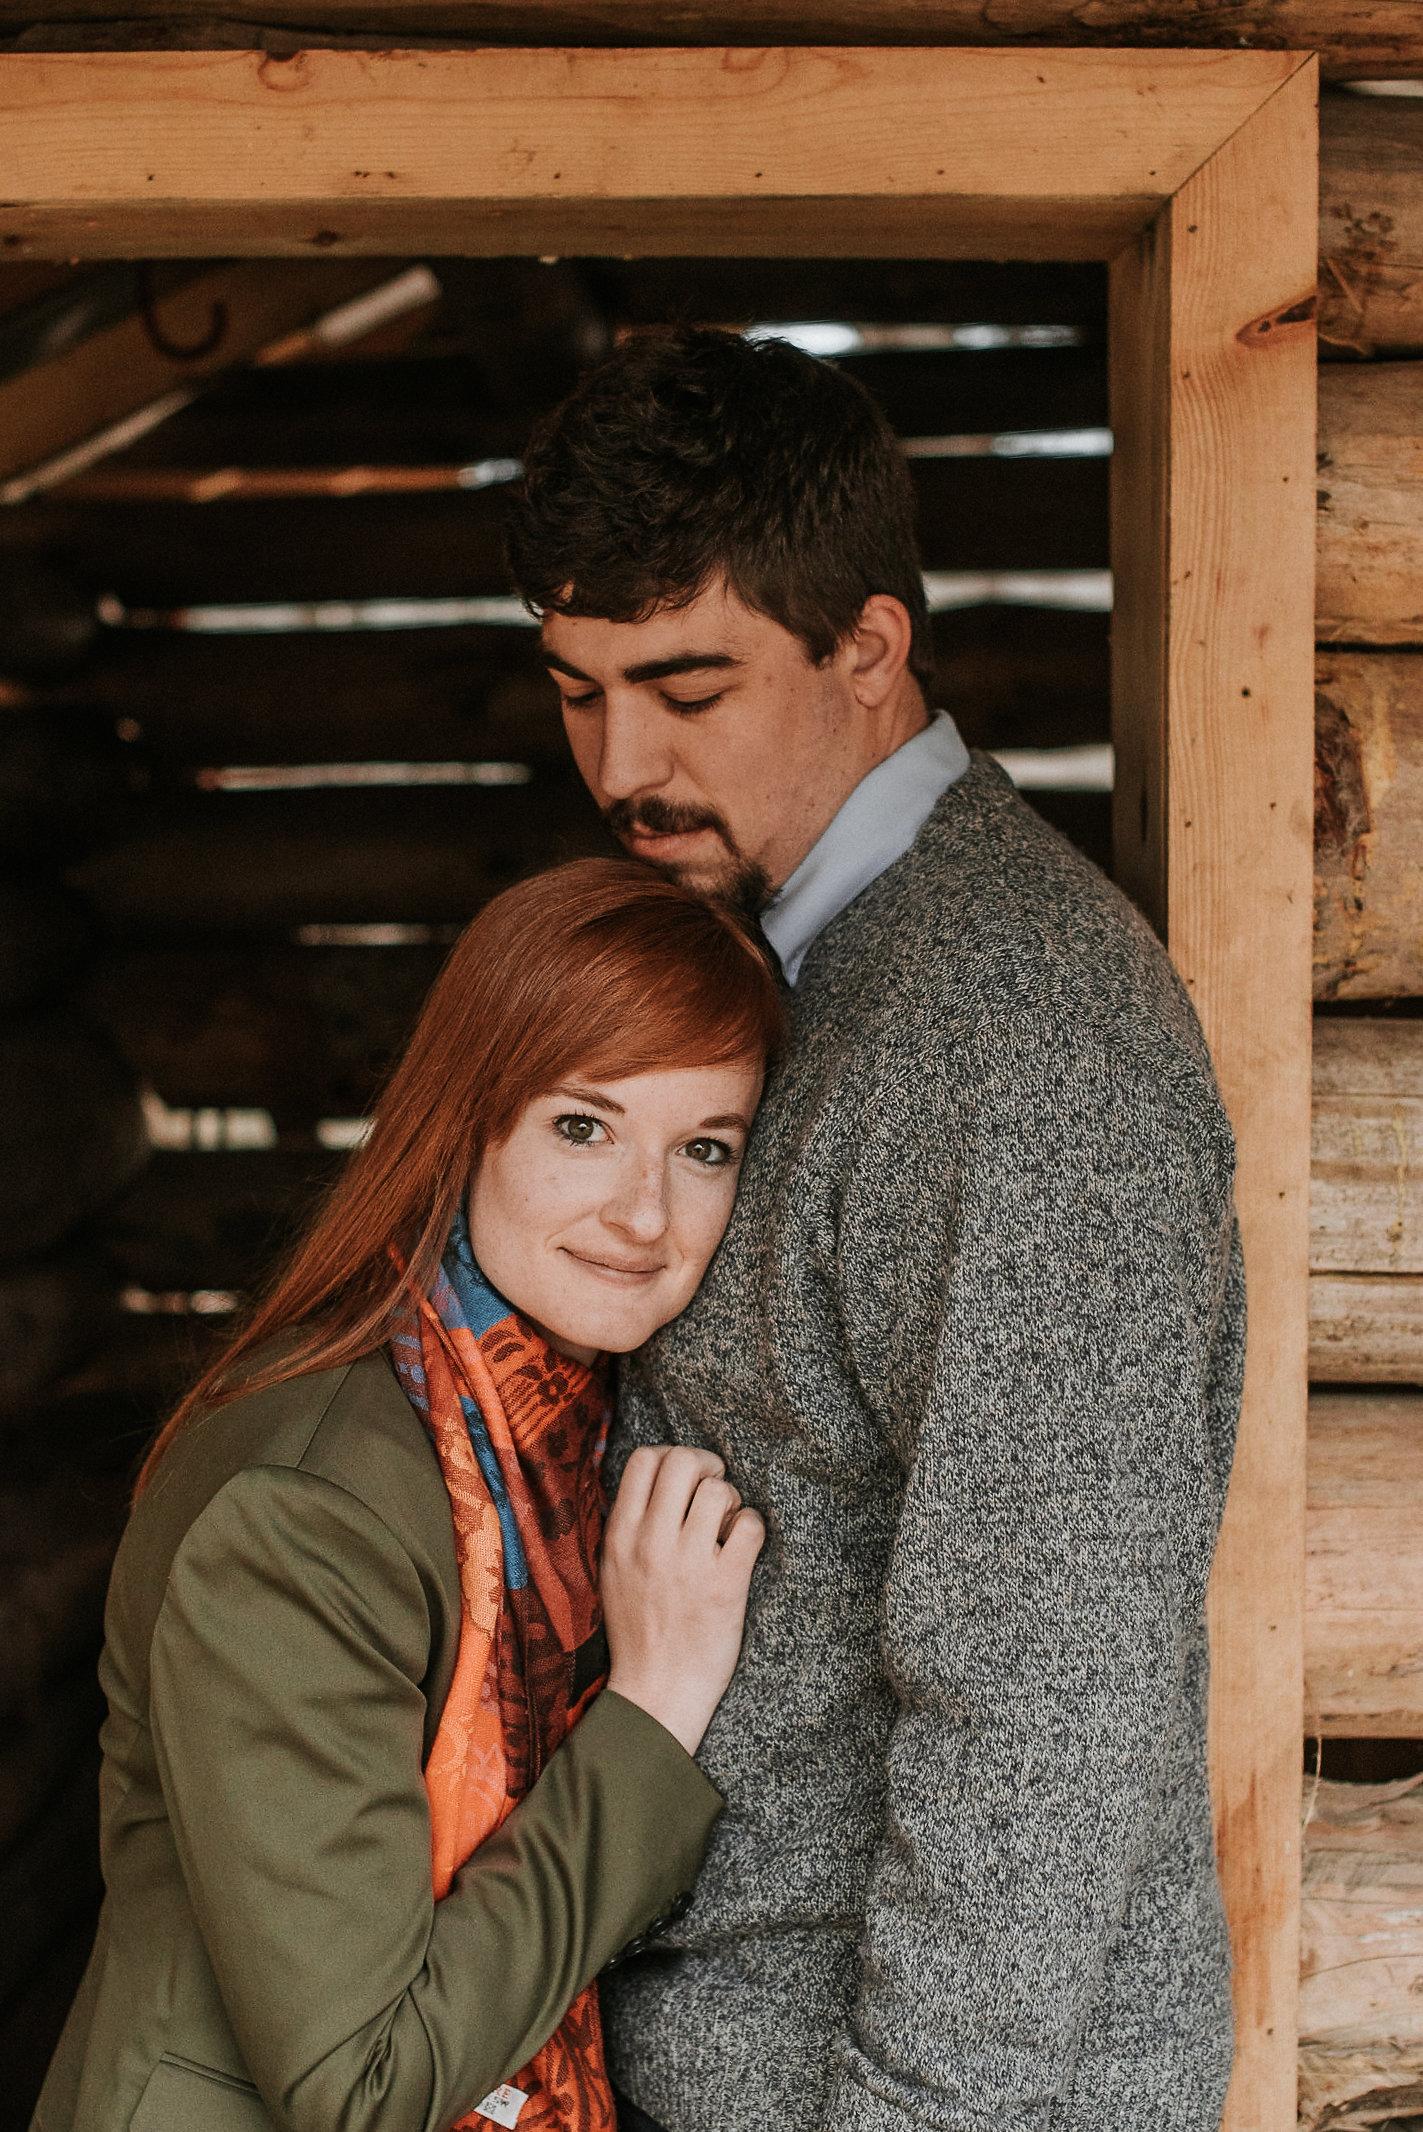 Woman and man standing in cabin doorway